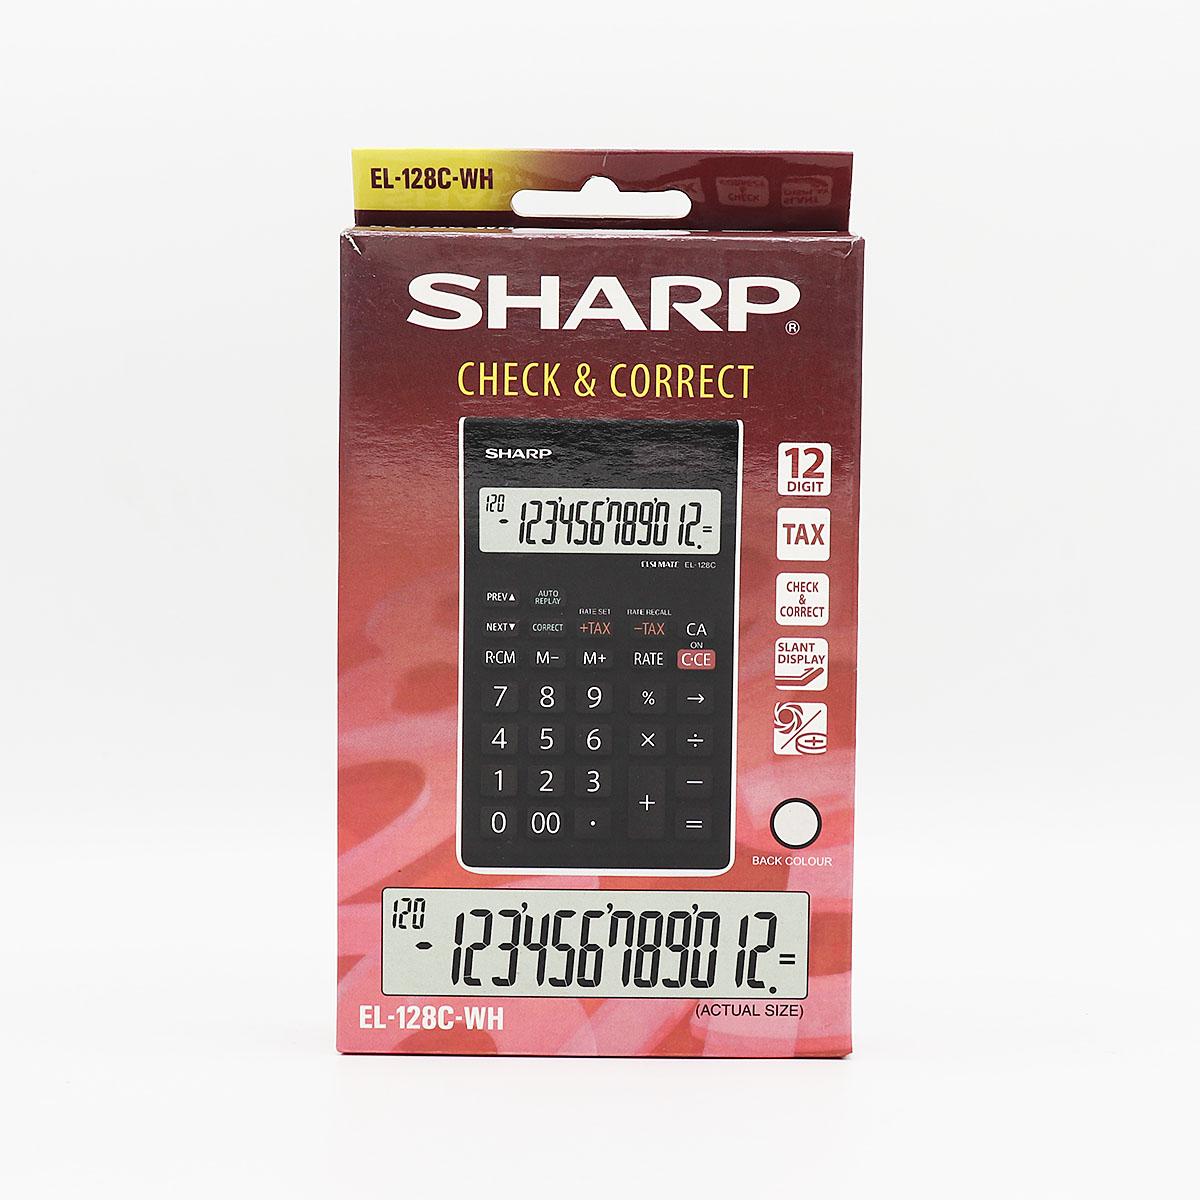 ماشين حساب شارپ EL -128C-WH